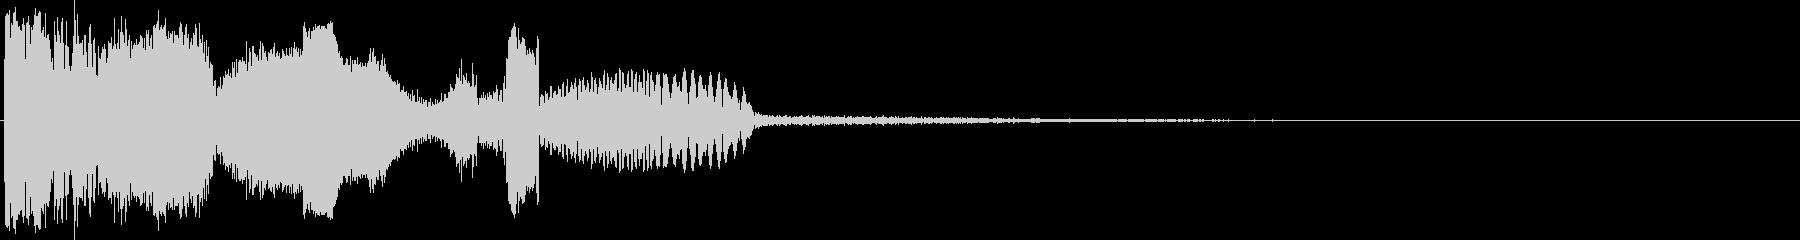 ラジオバーストの未再生の波形